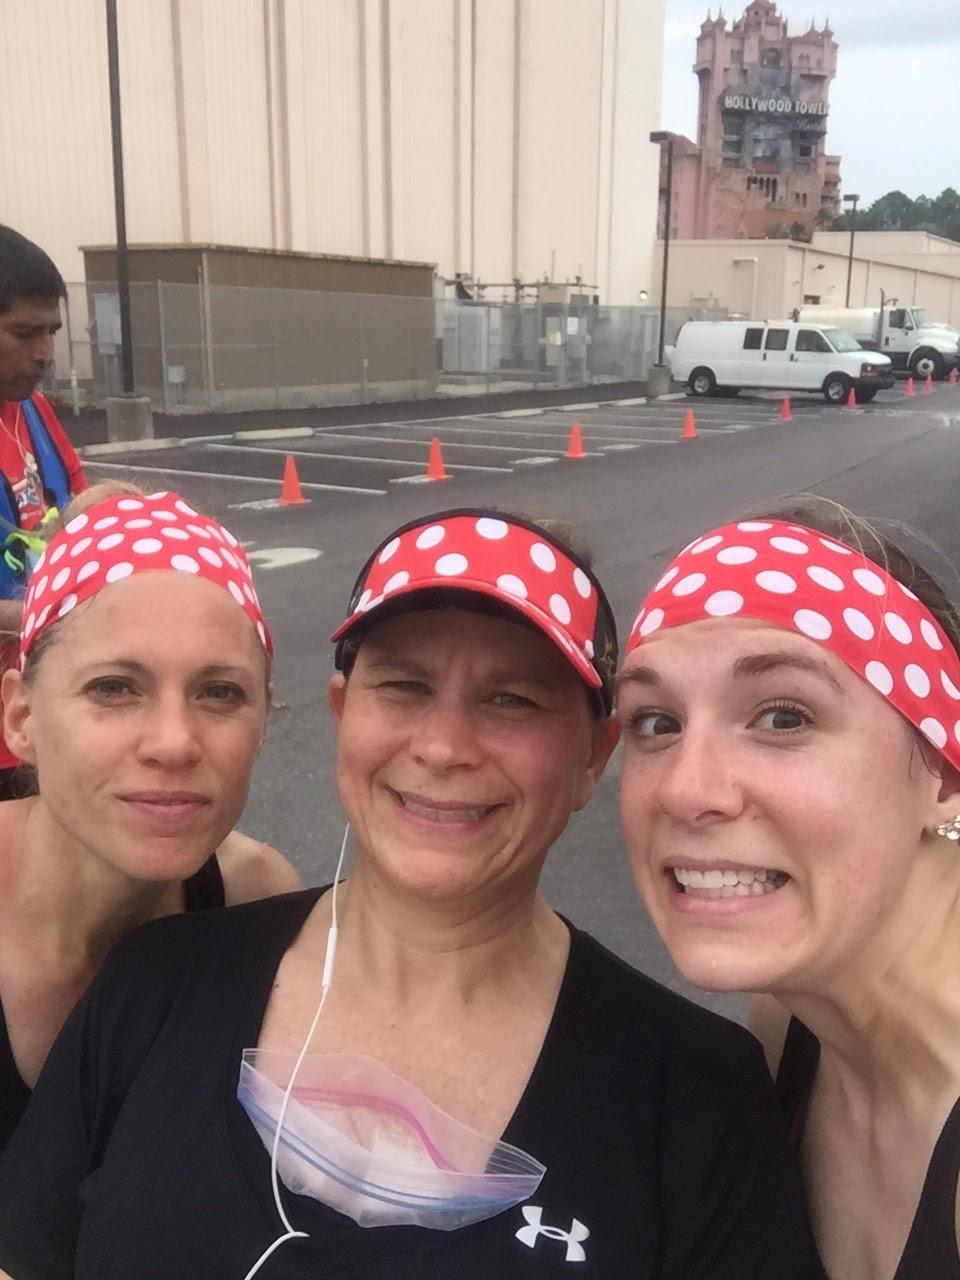 Dopey Challenge Mickey Marathon 2016 Tower of Terror in the background